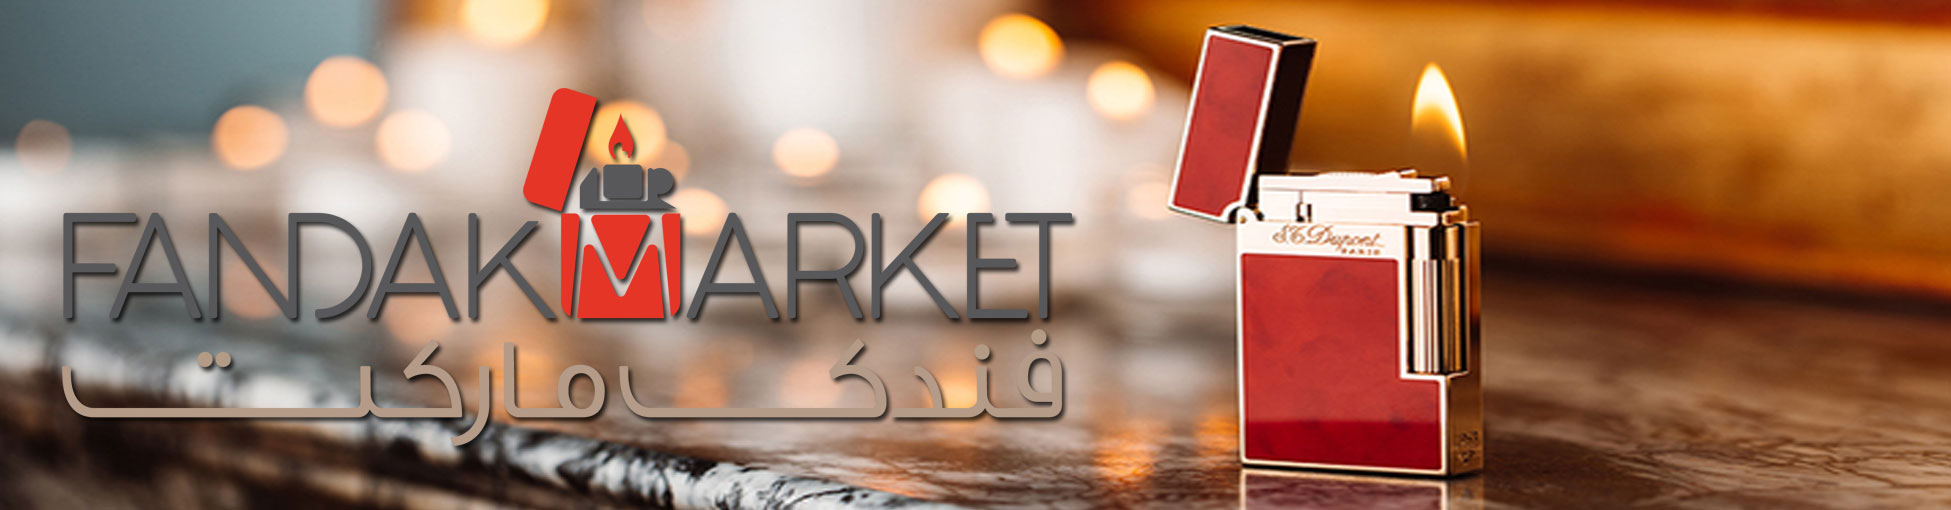 خرید آنلاین فندک های هدیه -فندک کادویی-فندک لوکس -فندک زیپو-فندک zipo-فندک رعد وبرقی- فندک صاعقه ای - فروشگاه اینترنتی فندک مارکت